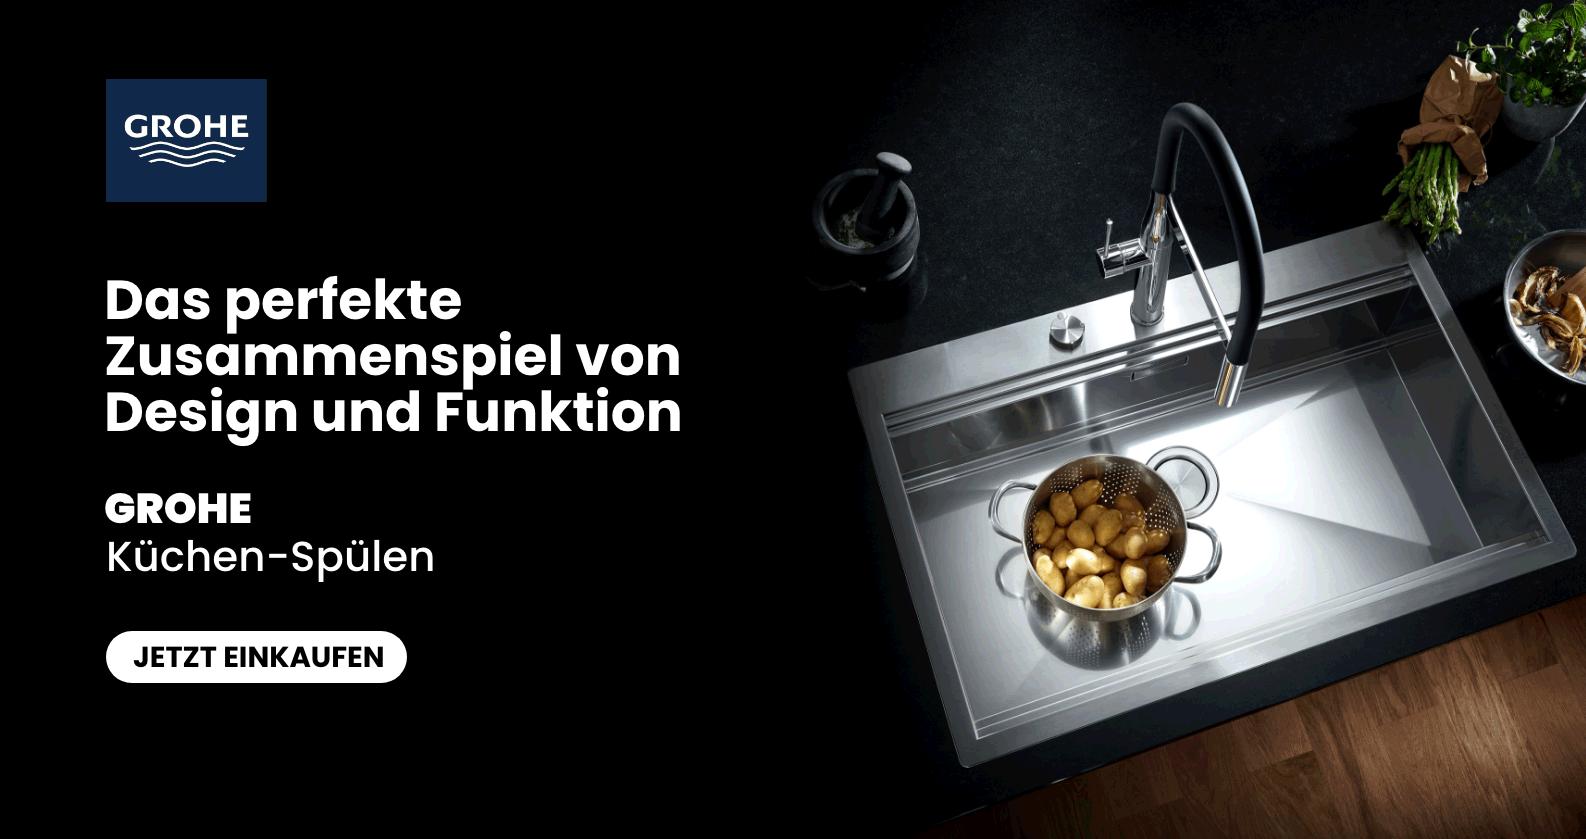 GROHE Küchenspülen bei xTWOstore